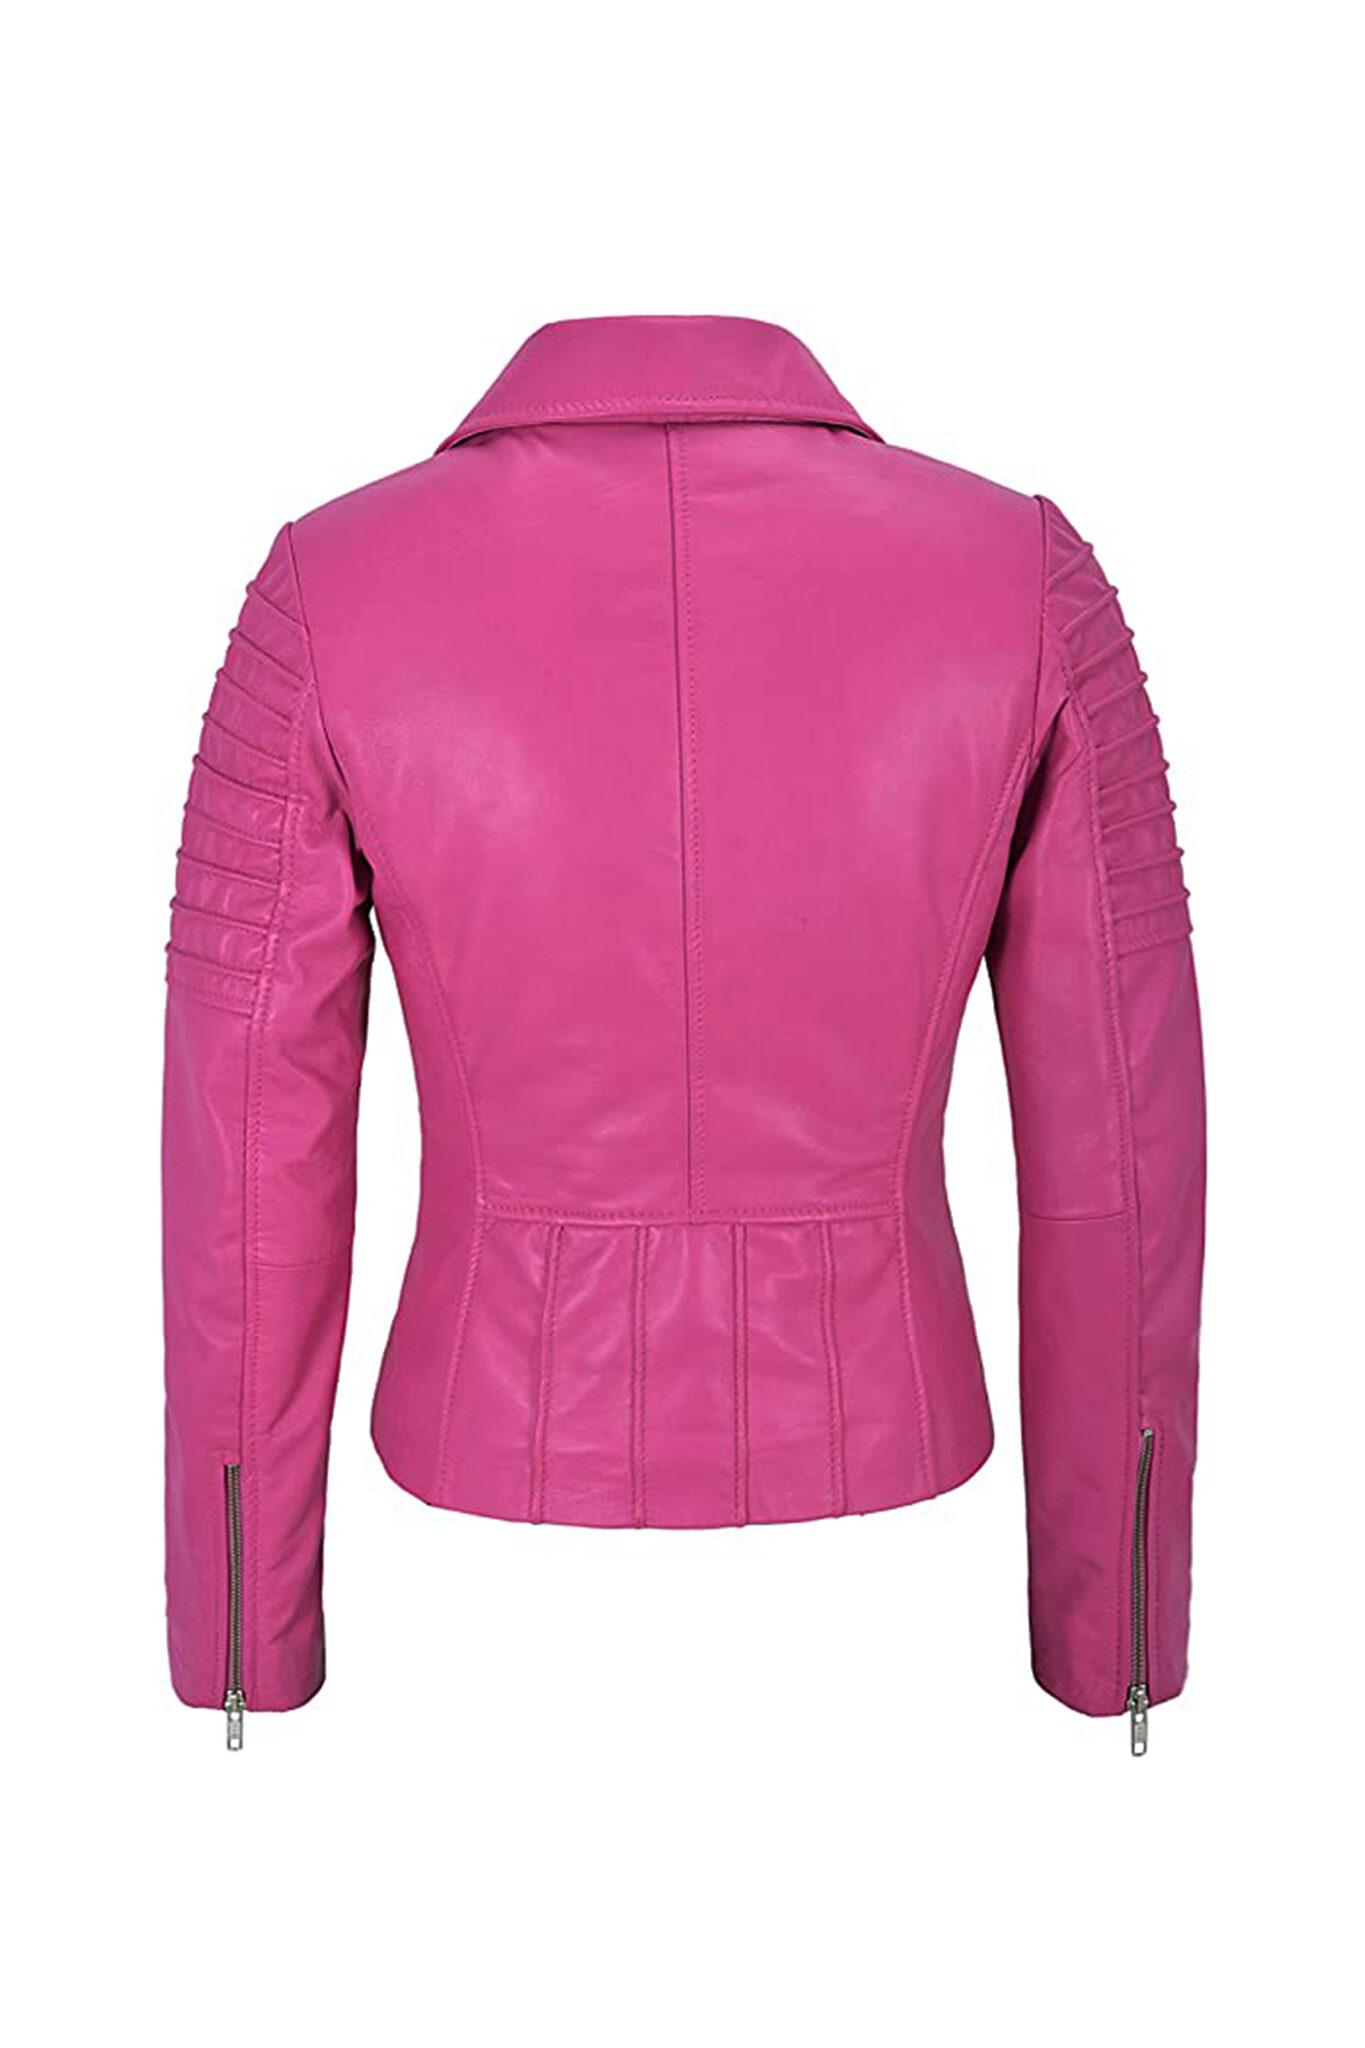 Women's Pink Biker Motorcycle Sheepskin Leather Jacket-3